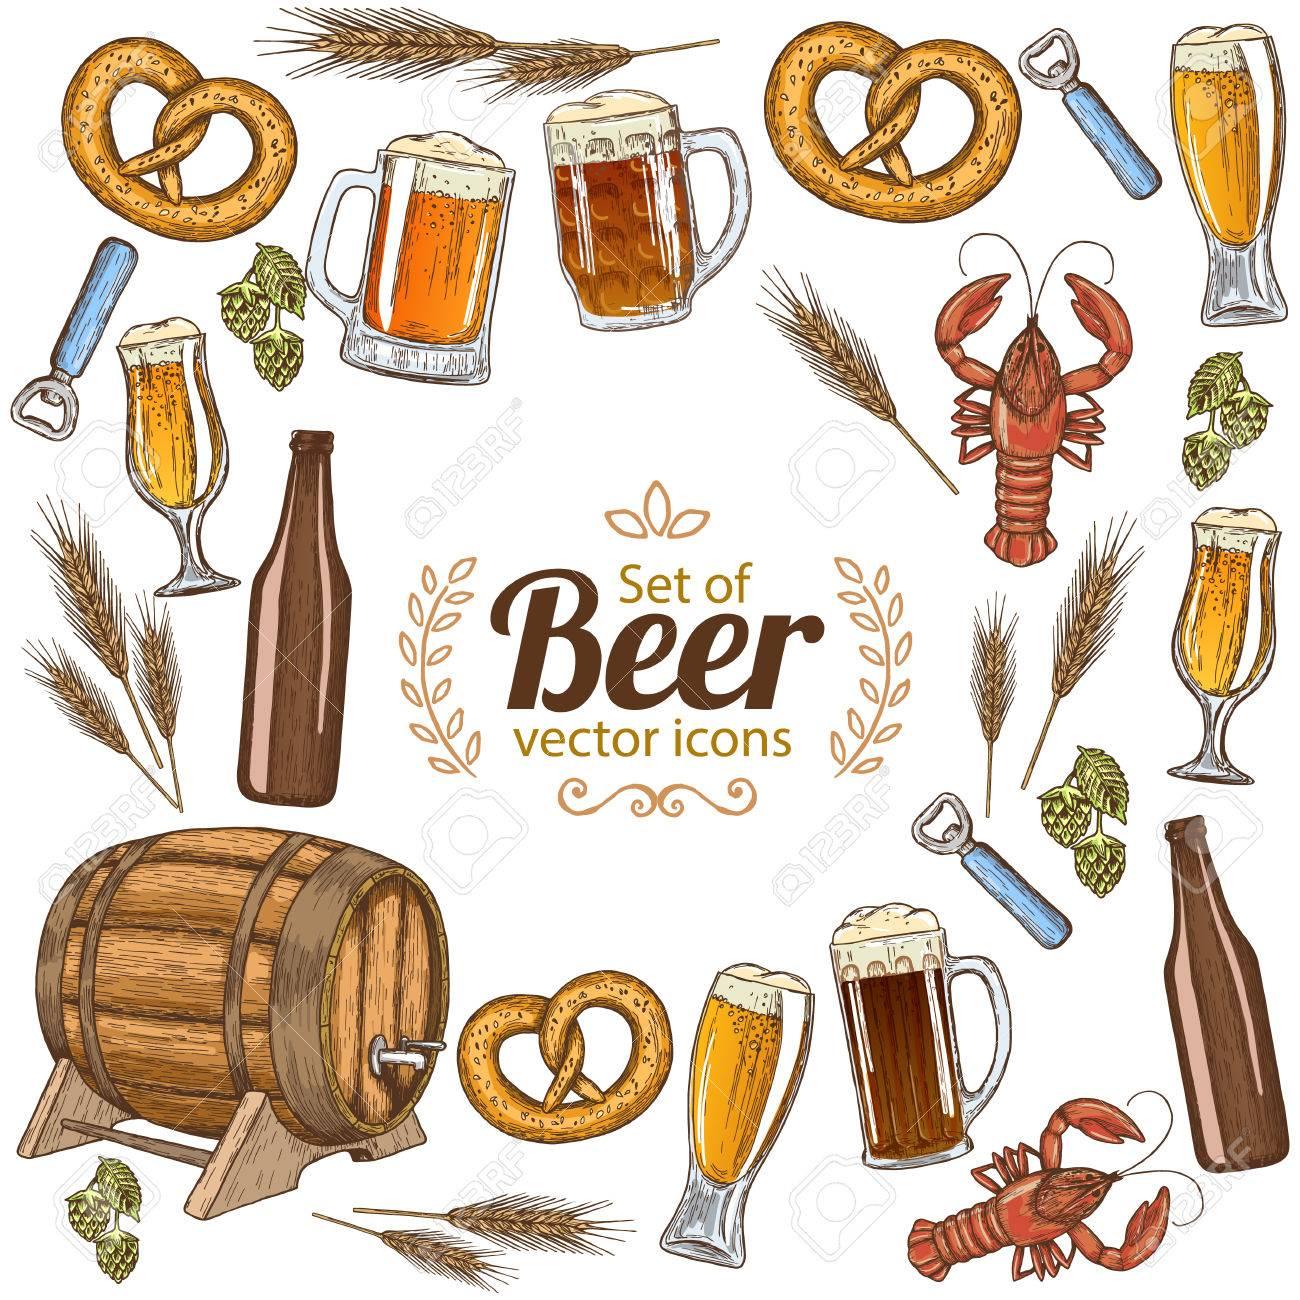 Marco Redondo Con Coloridos Iconos De La Cerveza. Plantilla Para El ...